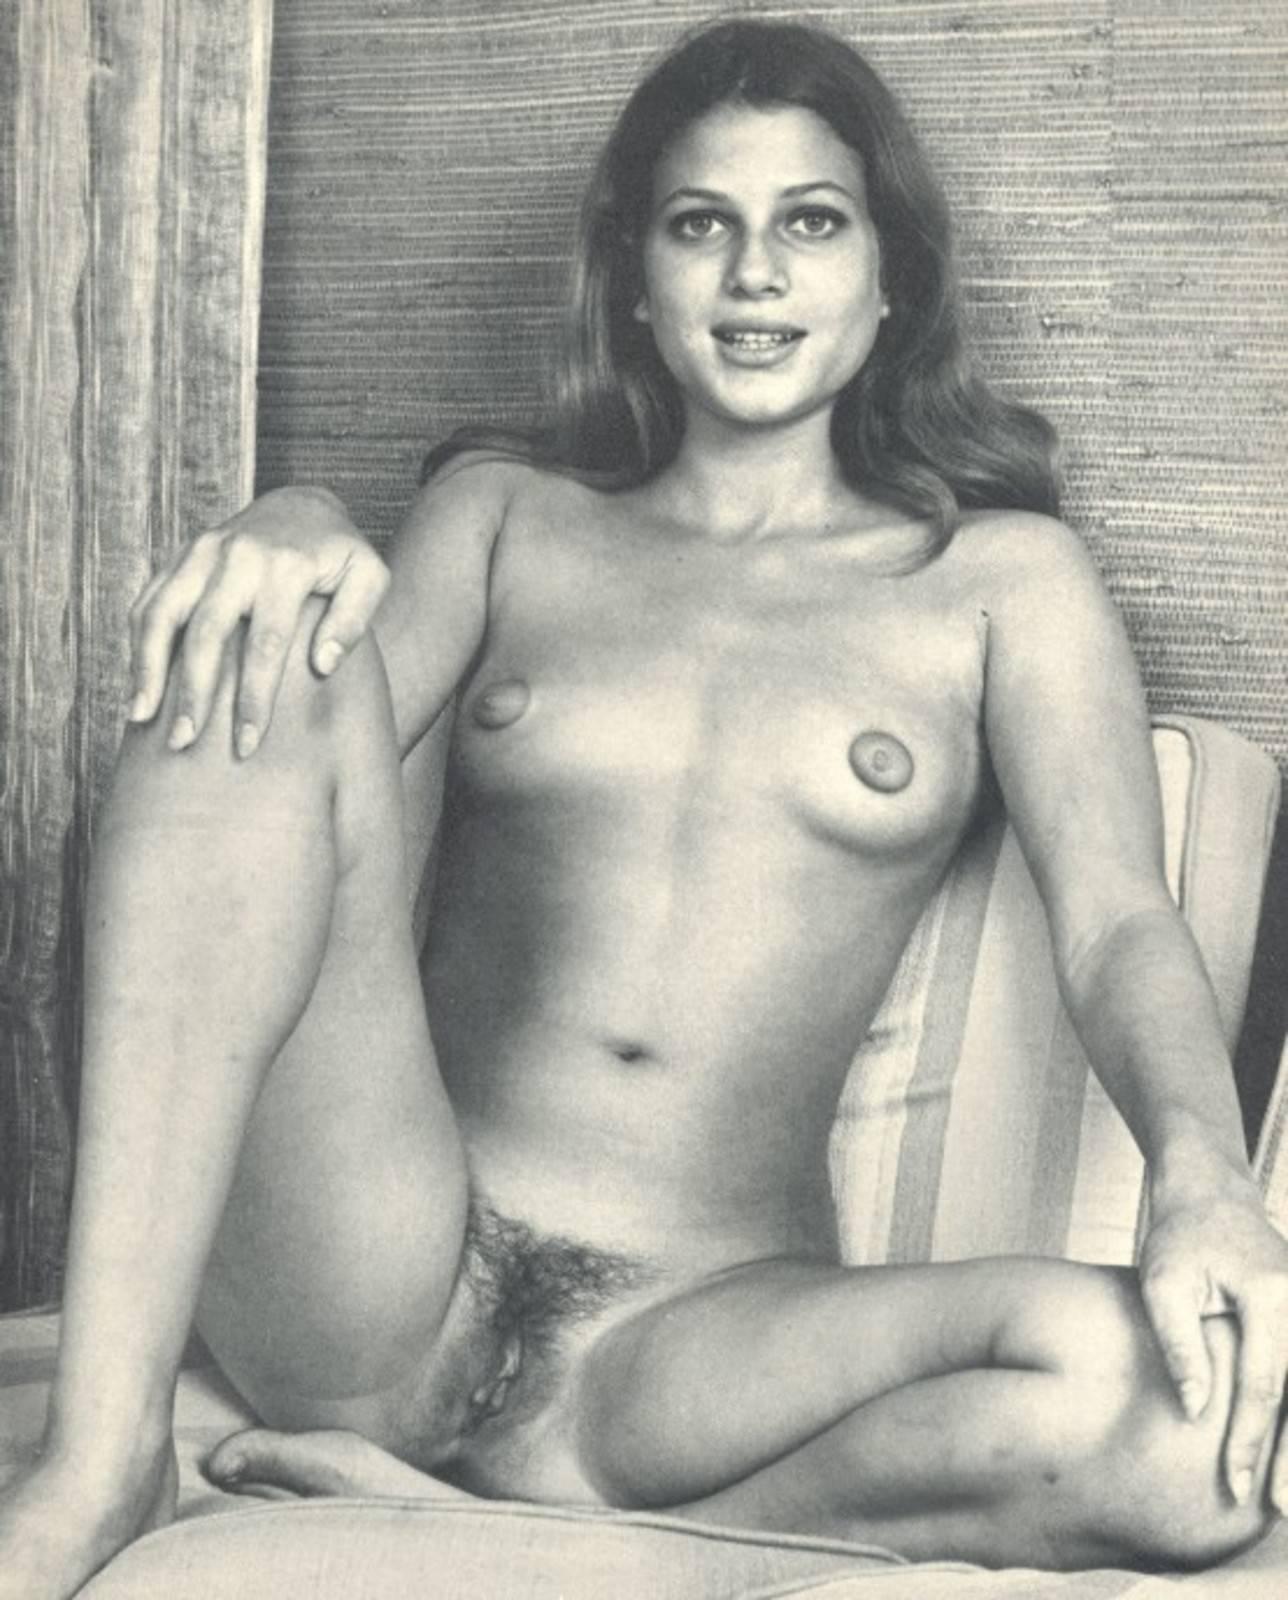 Retro nude photos porncraft clip